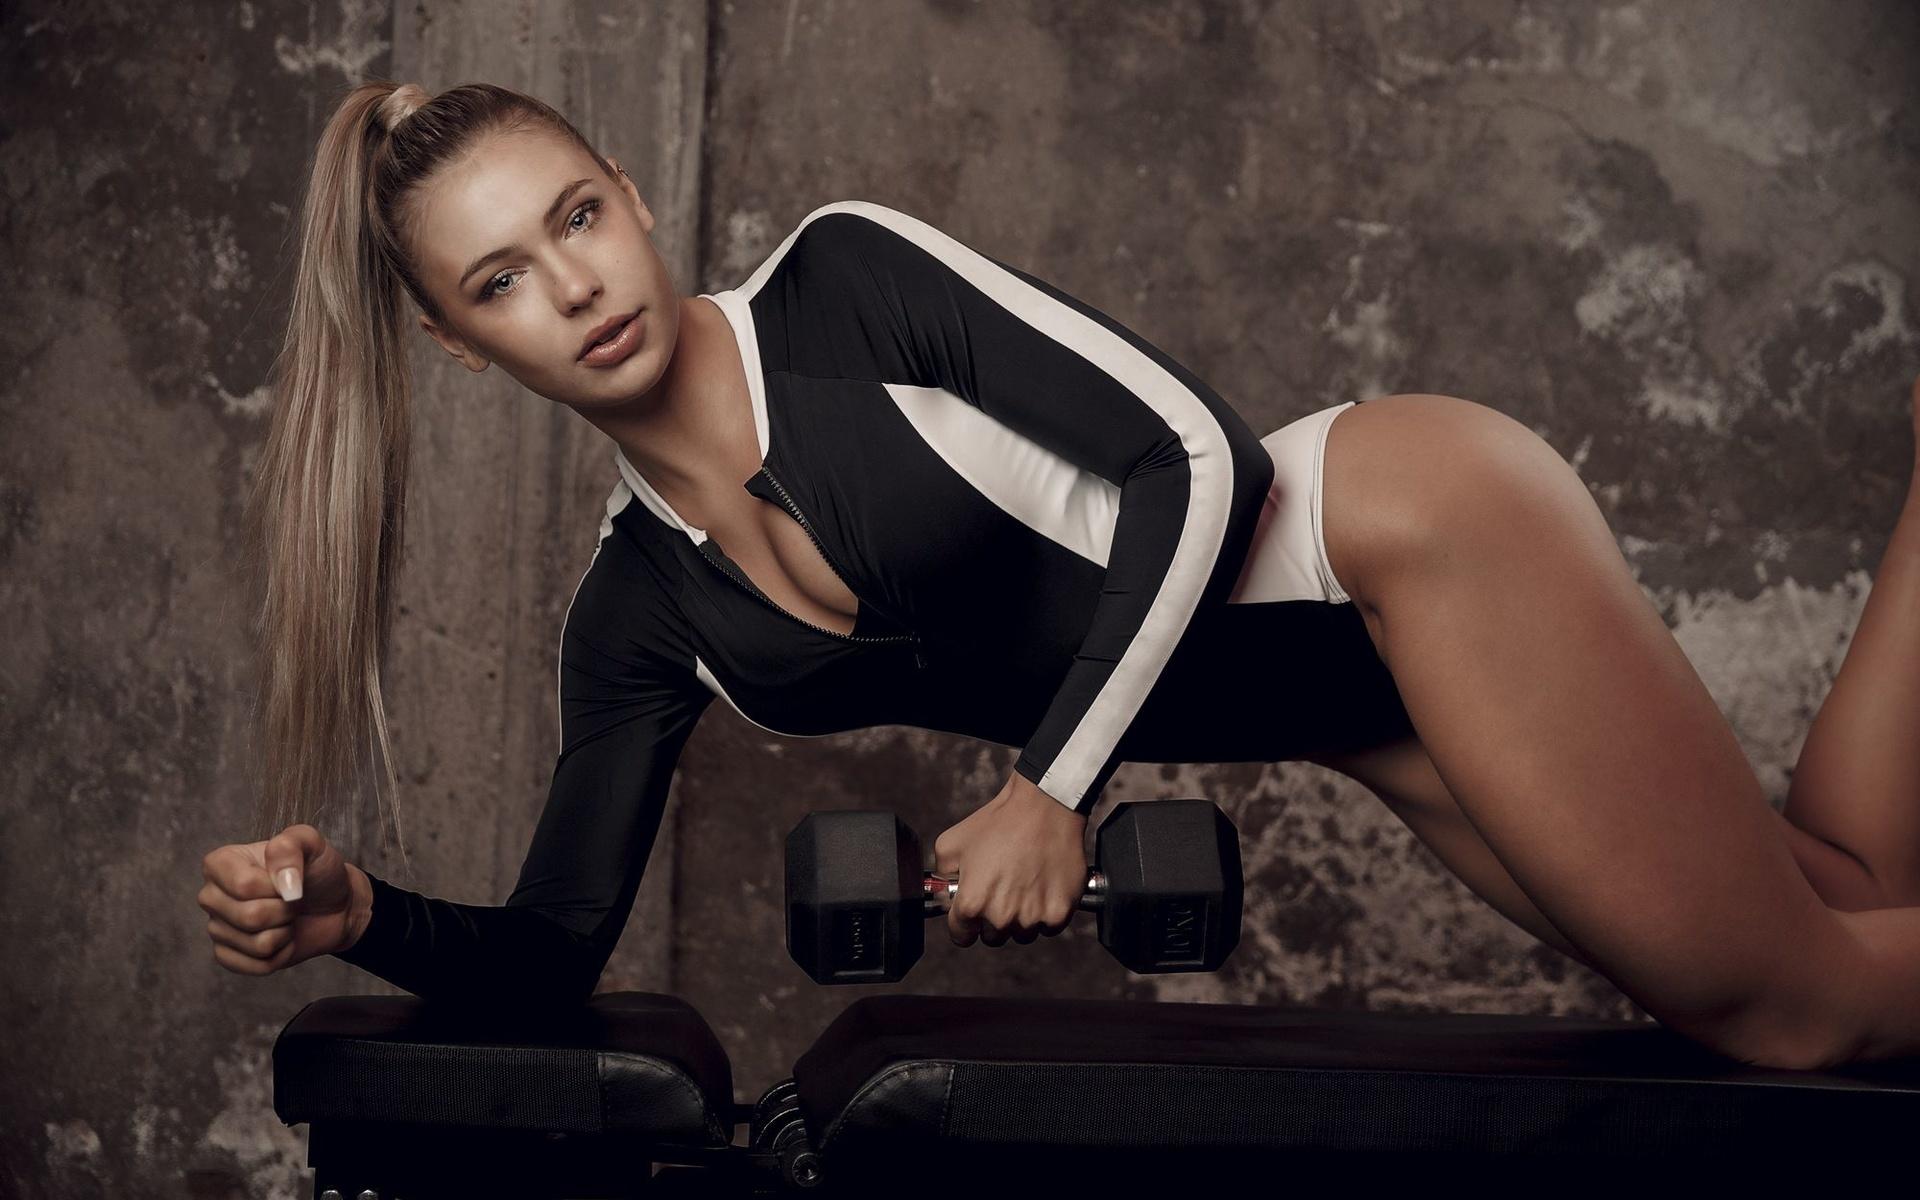 спортсменка, позирует, модель, jutta leerdam, конькобежный спорт, нидерланды,фото,журнал,fhm,блондинка,взгляд,прикид,фигурка,грудь,ножки,попа,хороша, гантеля,мотивация,стена,фон,красотка, секси